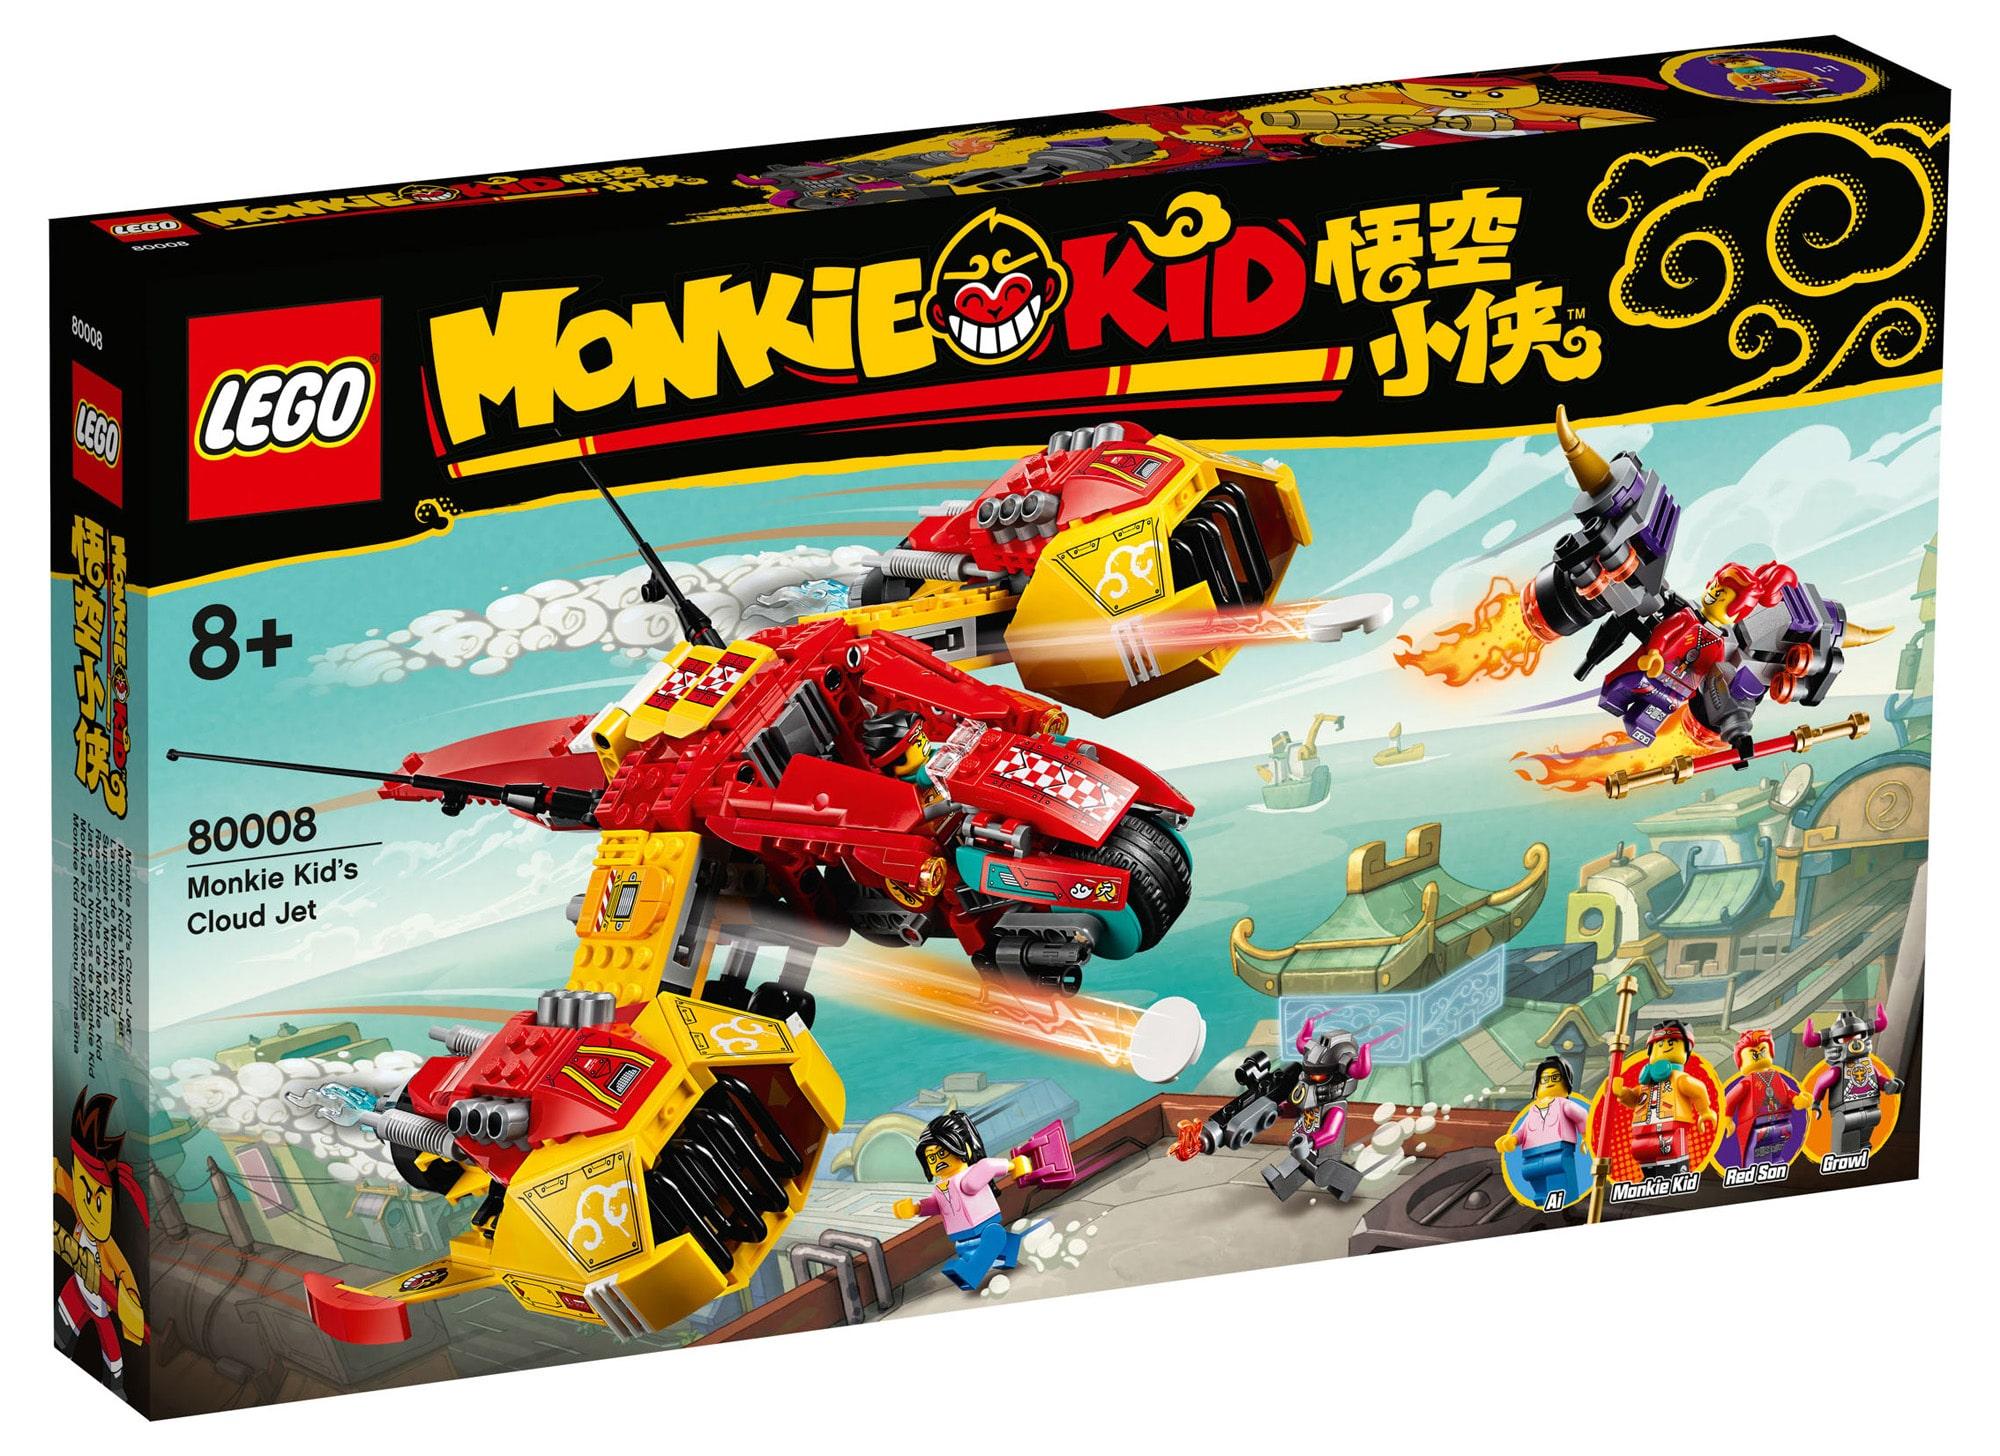 LEGO Monkie Kid 80008 Monkie Kids Cloud Jet